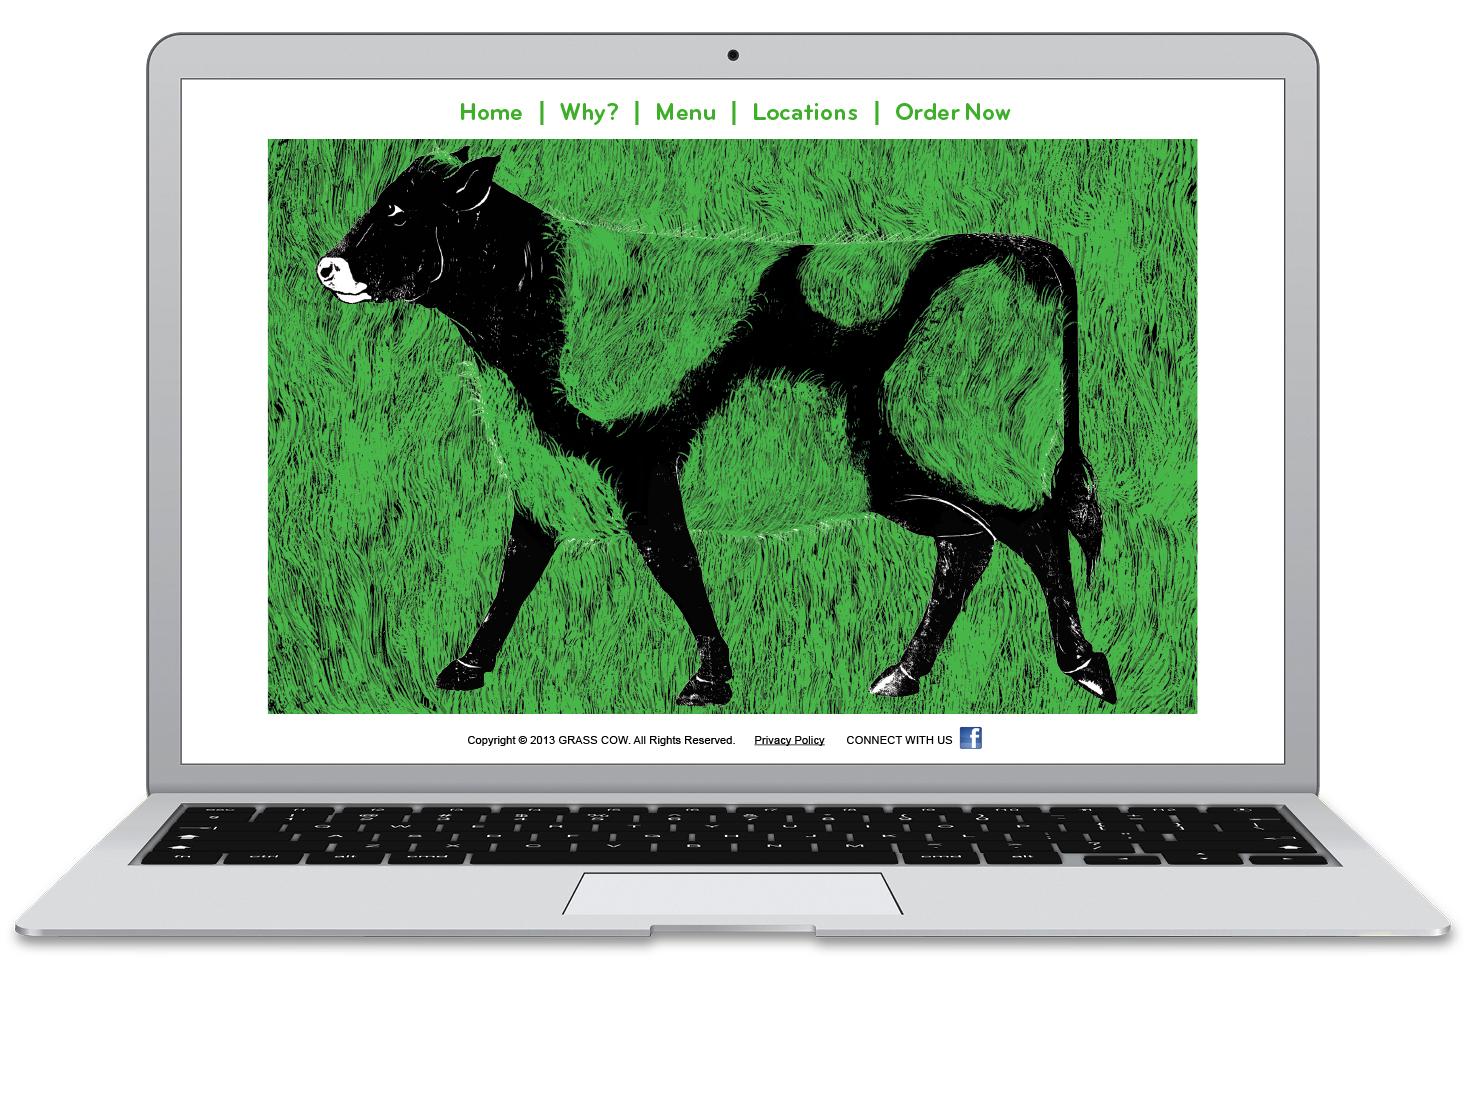 DMD_Web_Grass Cow 01_96.jpg